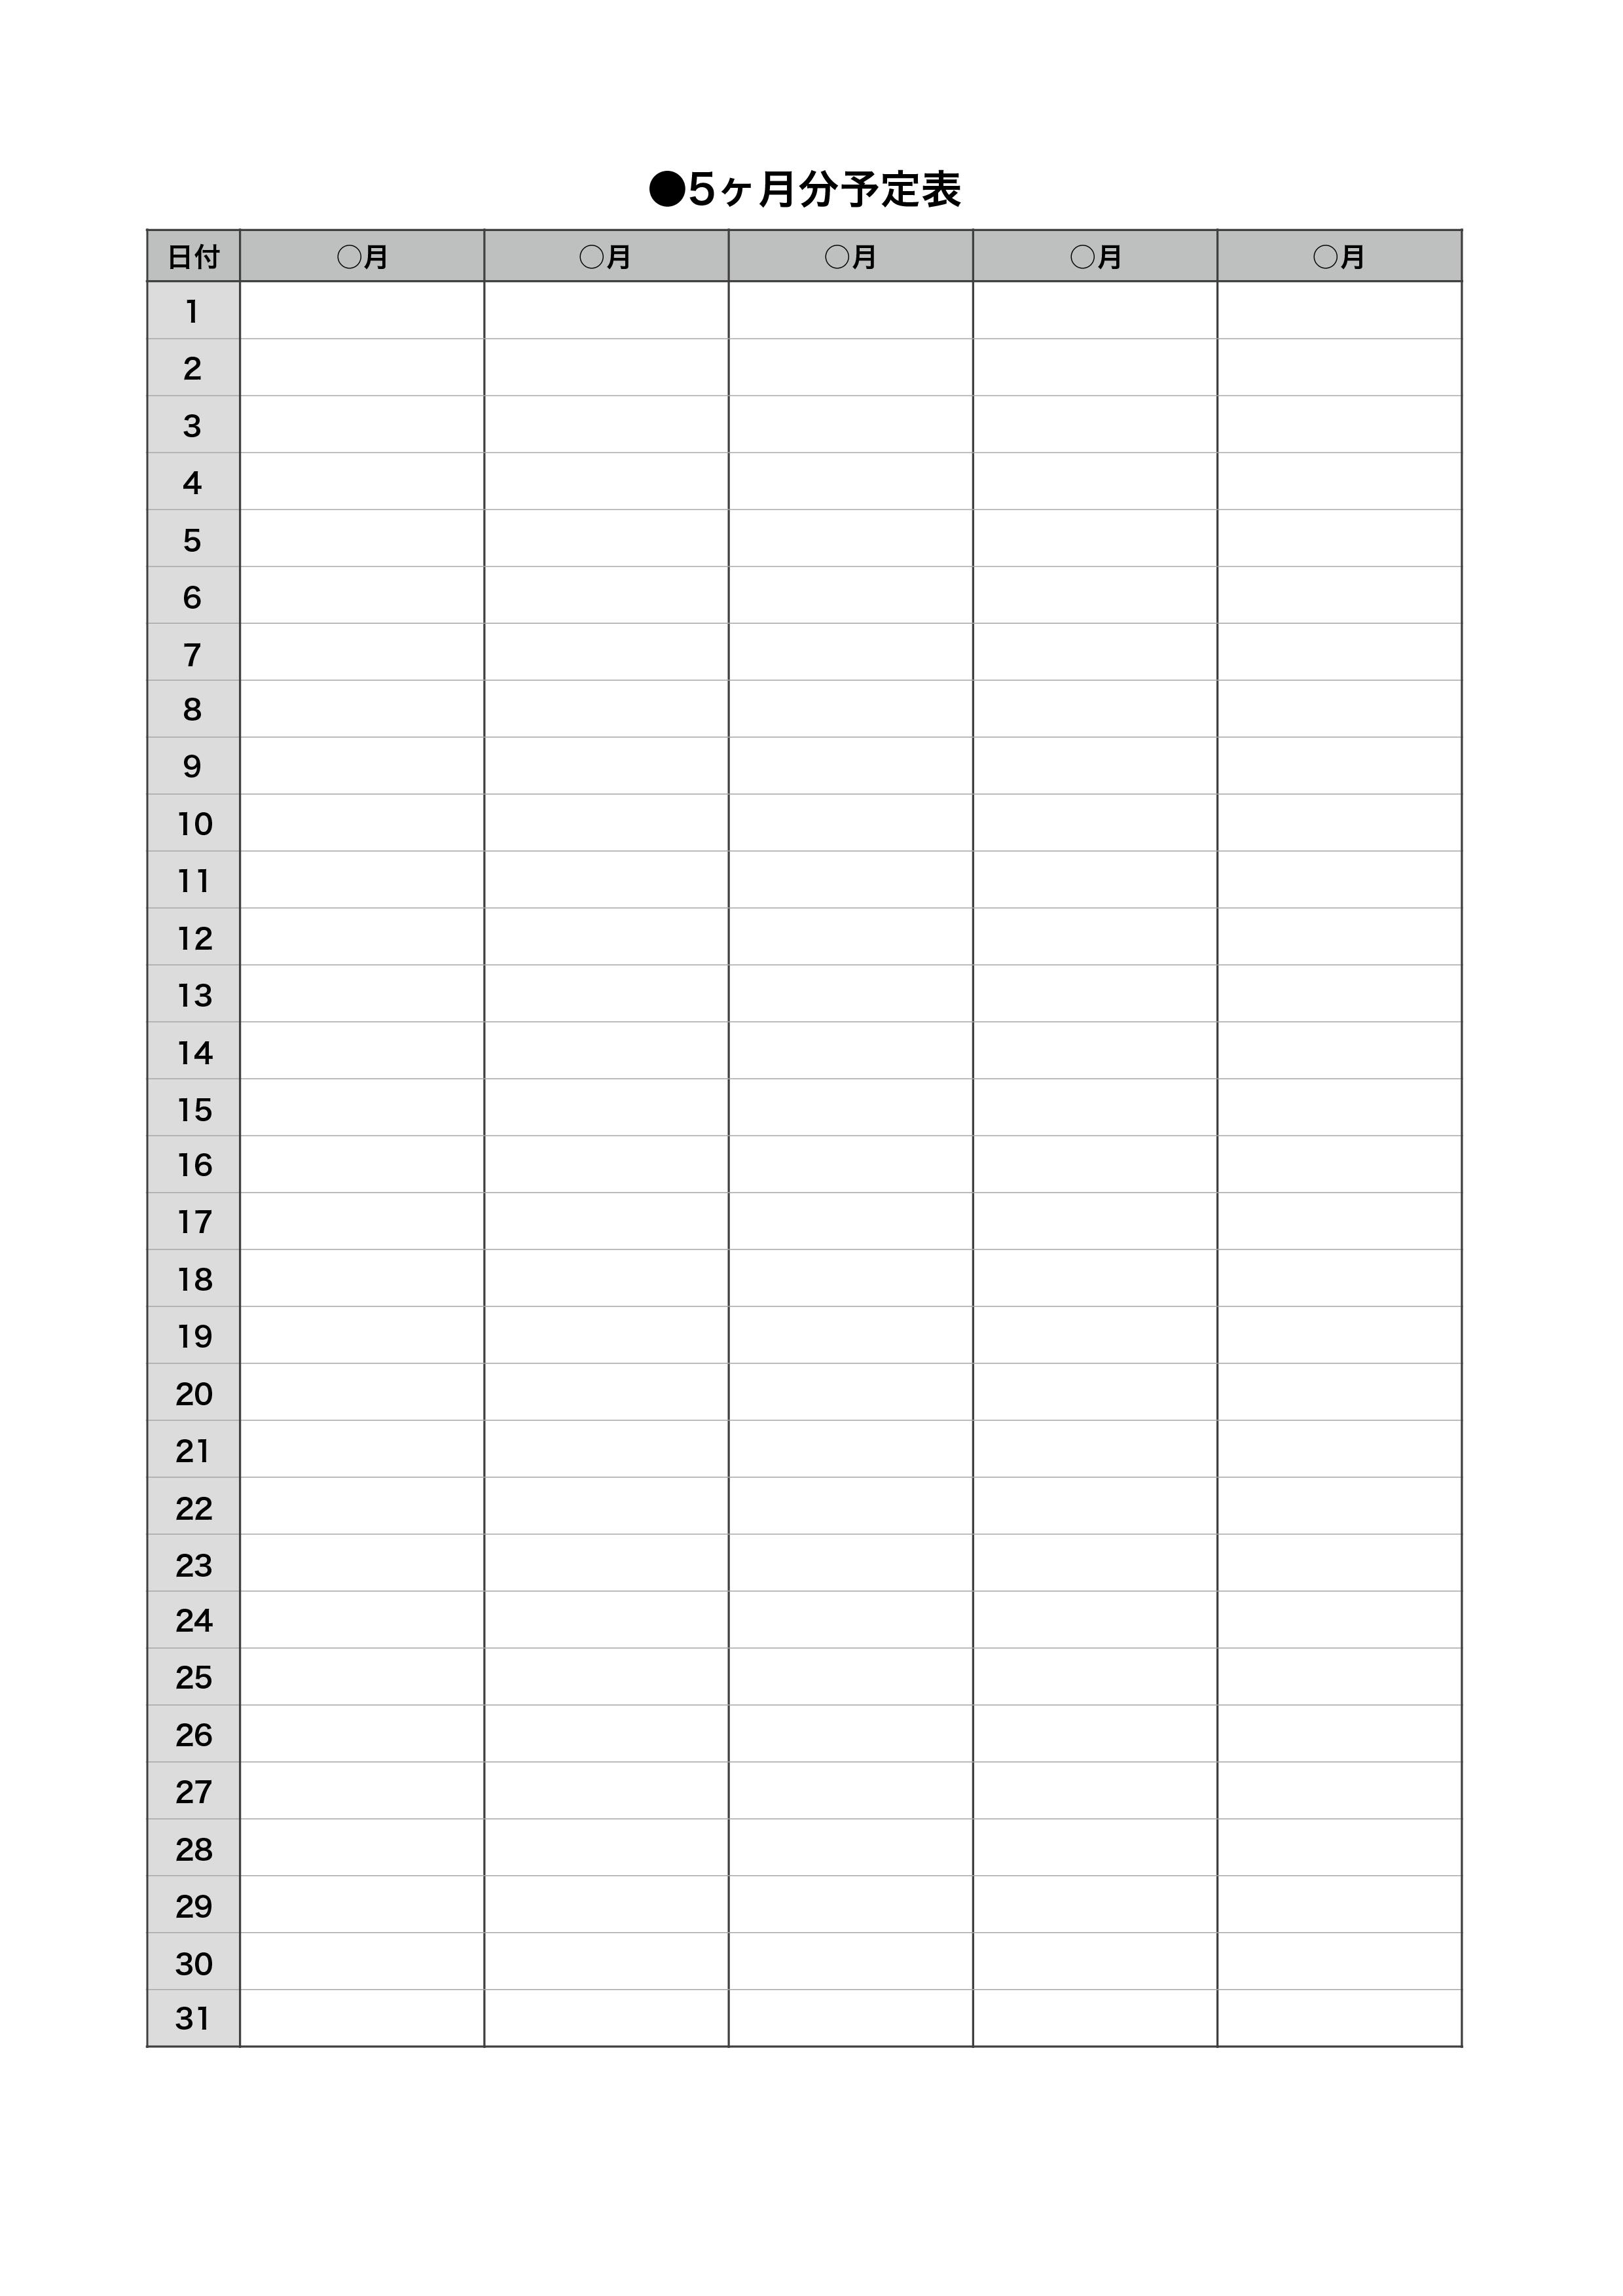 5ヶ月分の予定表のテンプレート(ワード、ページズ)シンプルグレー